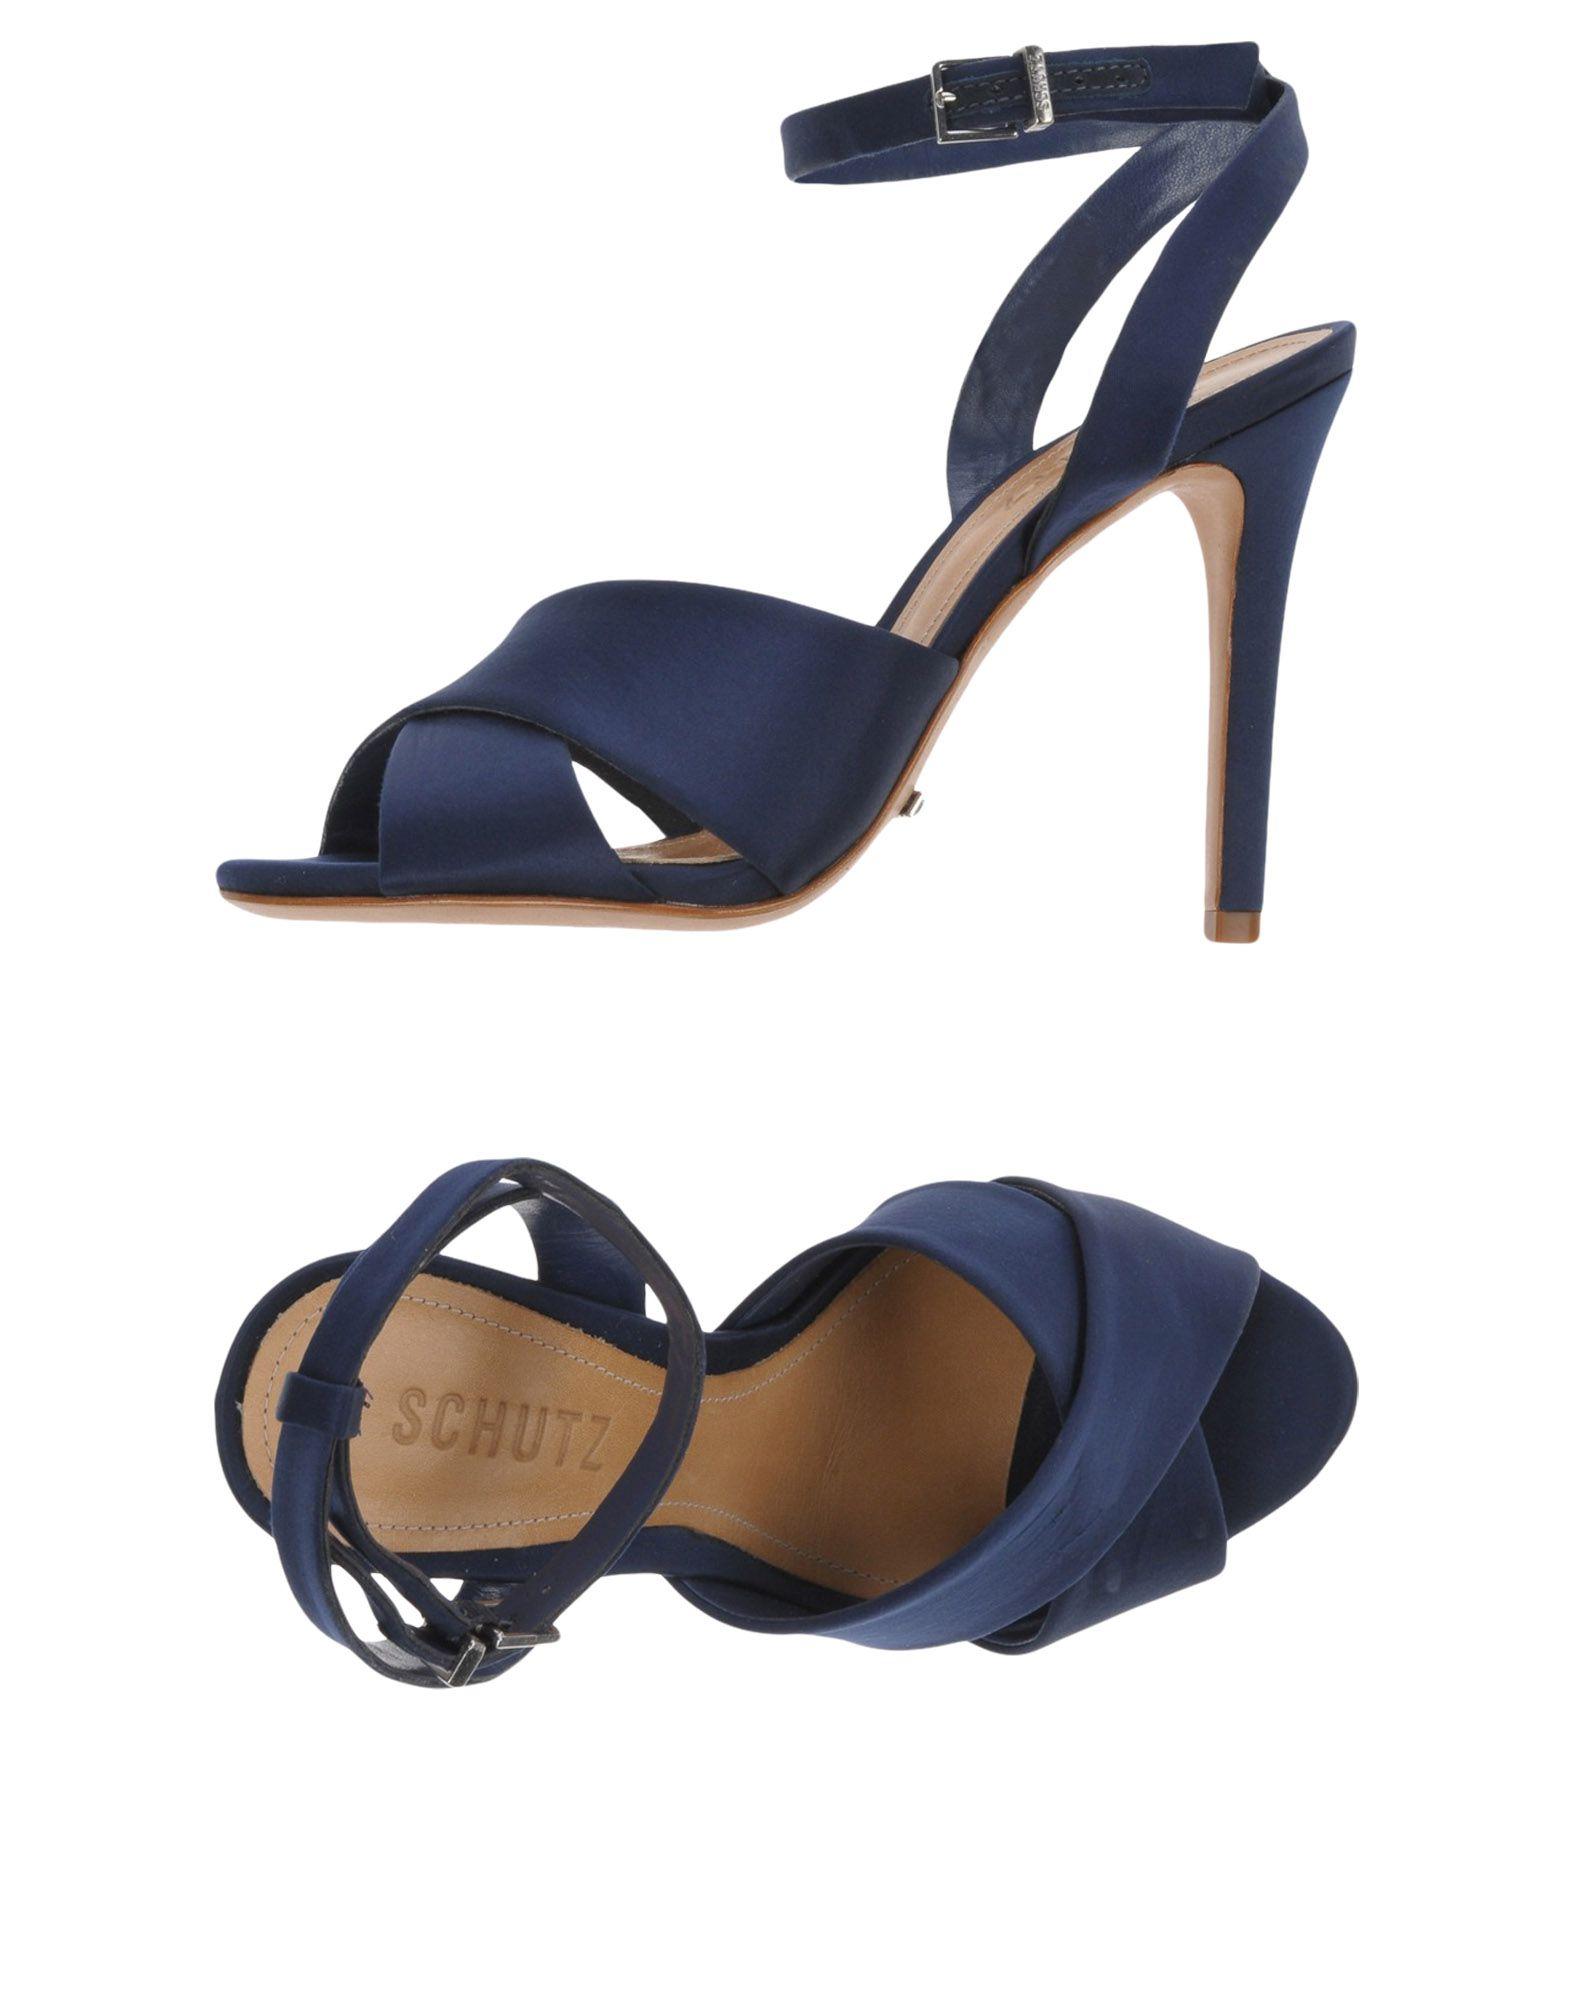 Schutz Sandalen Damen  11464212GN Schuhe Gute Qualität beliebte Schuhe 11464212GN 8b33c9